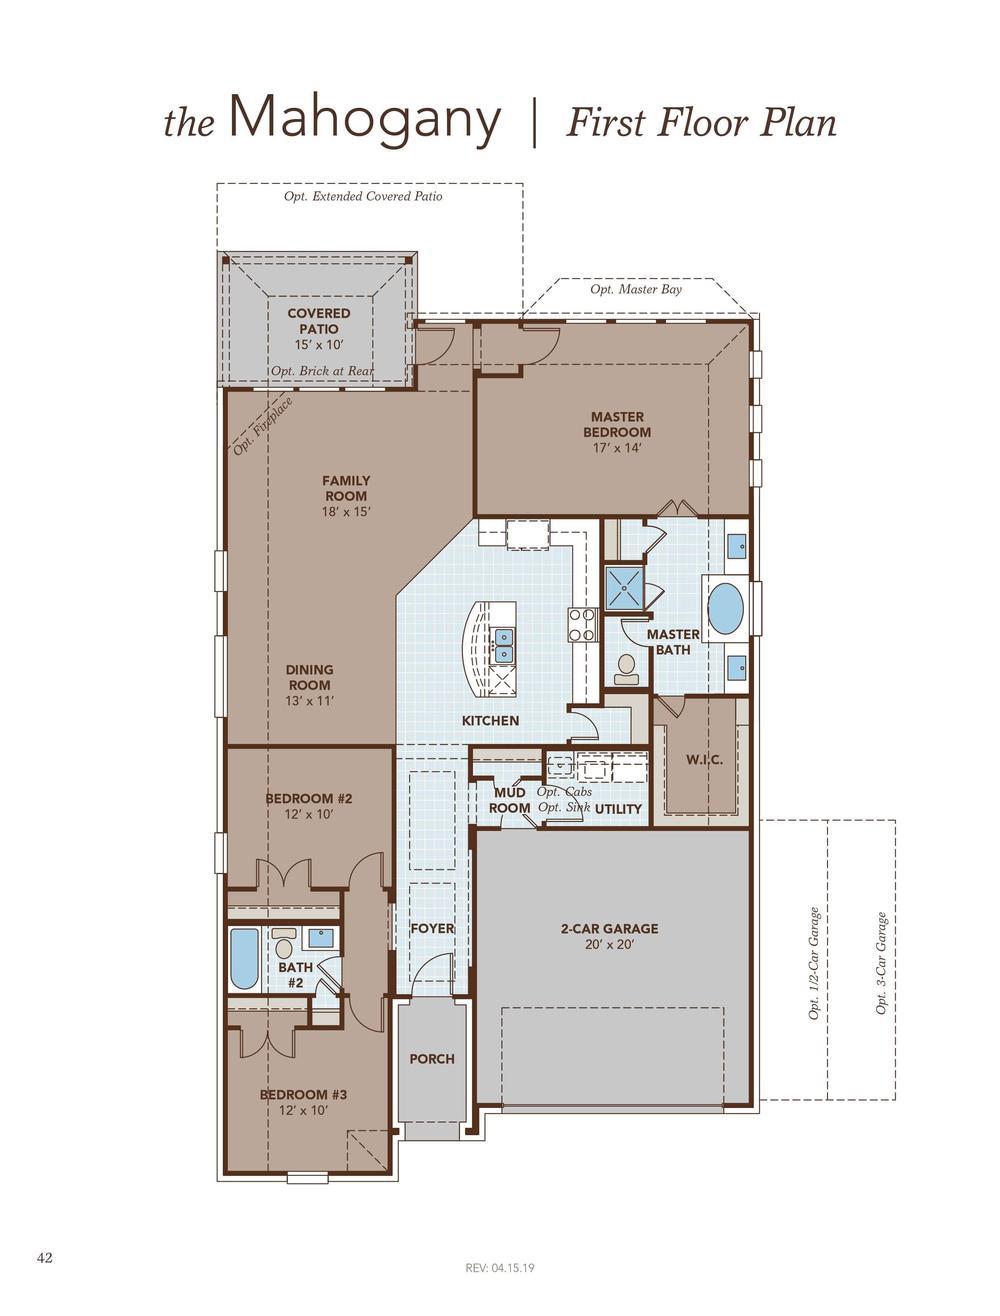 Mahogany Floor Plan